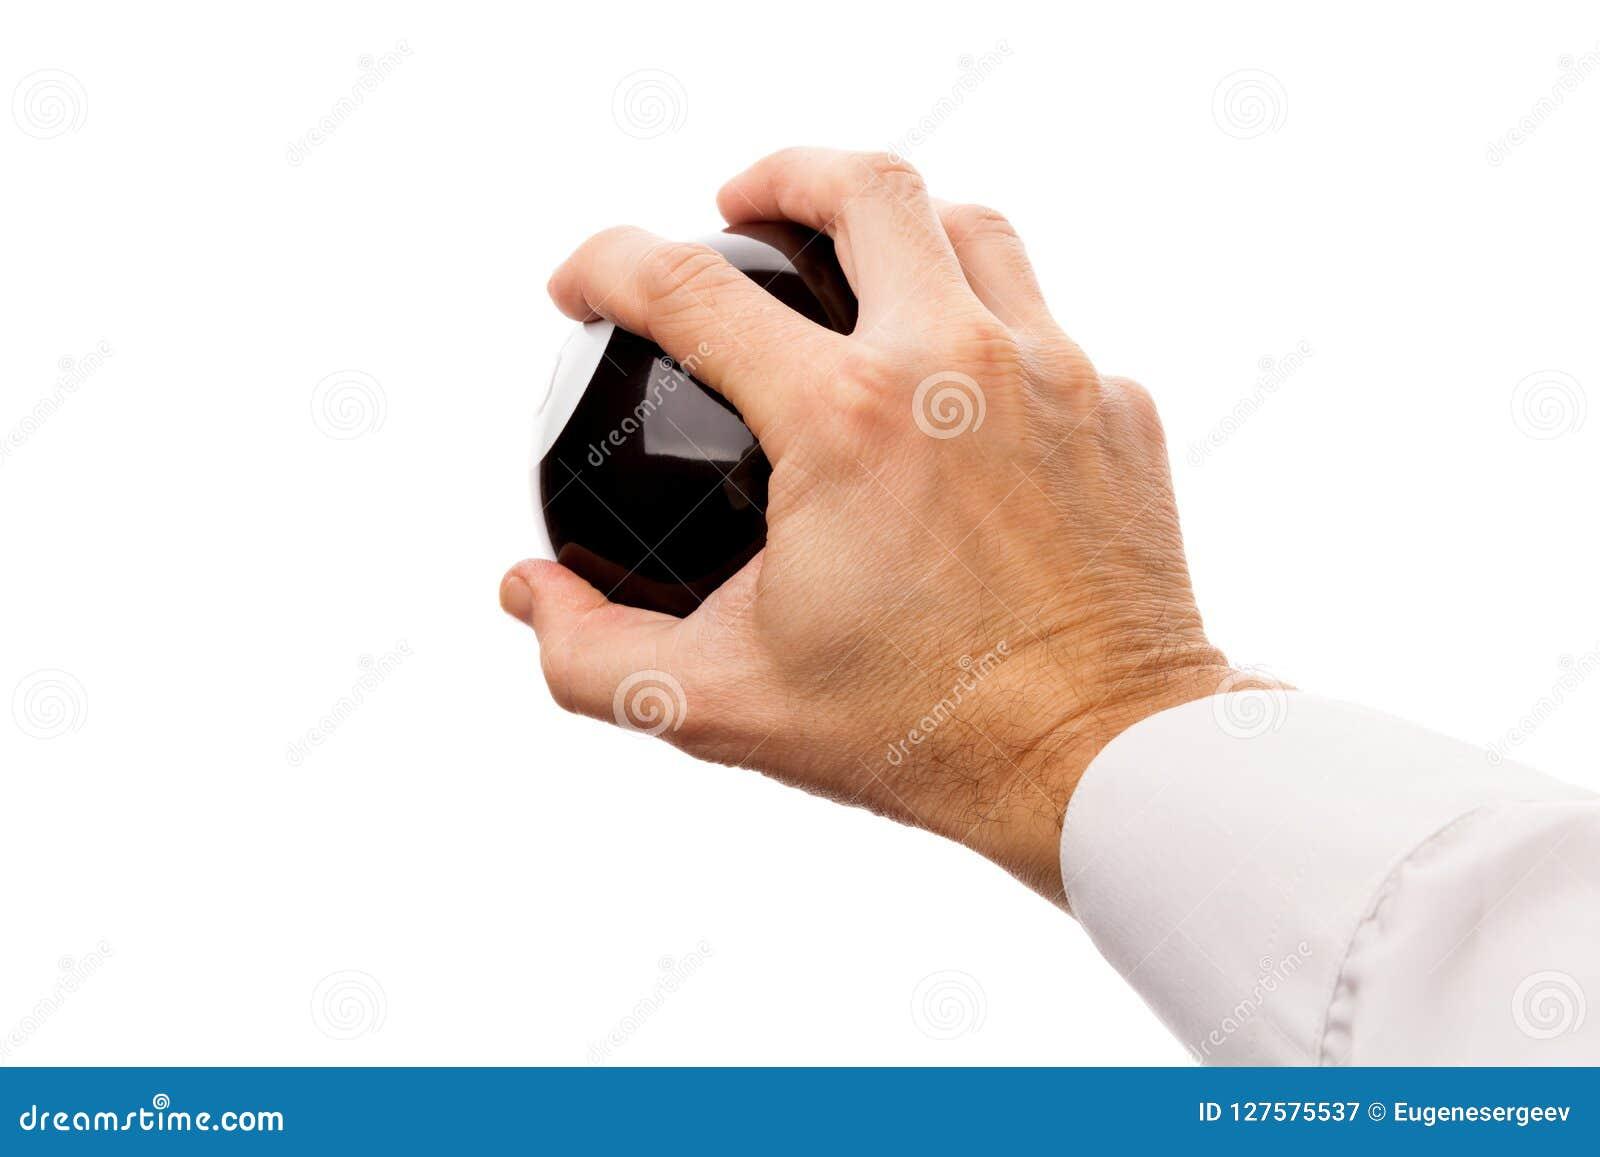 Сильная мужская рука держит черную сферу